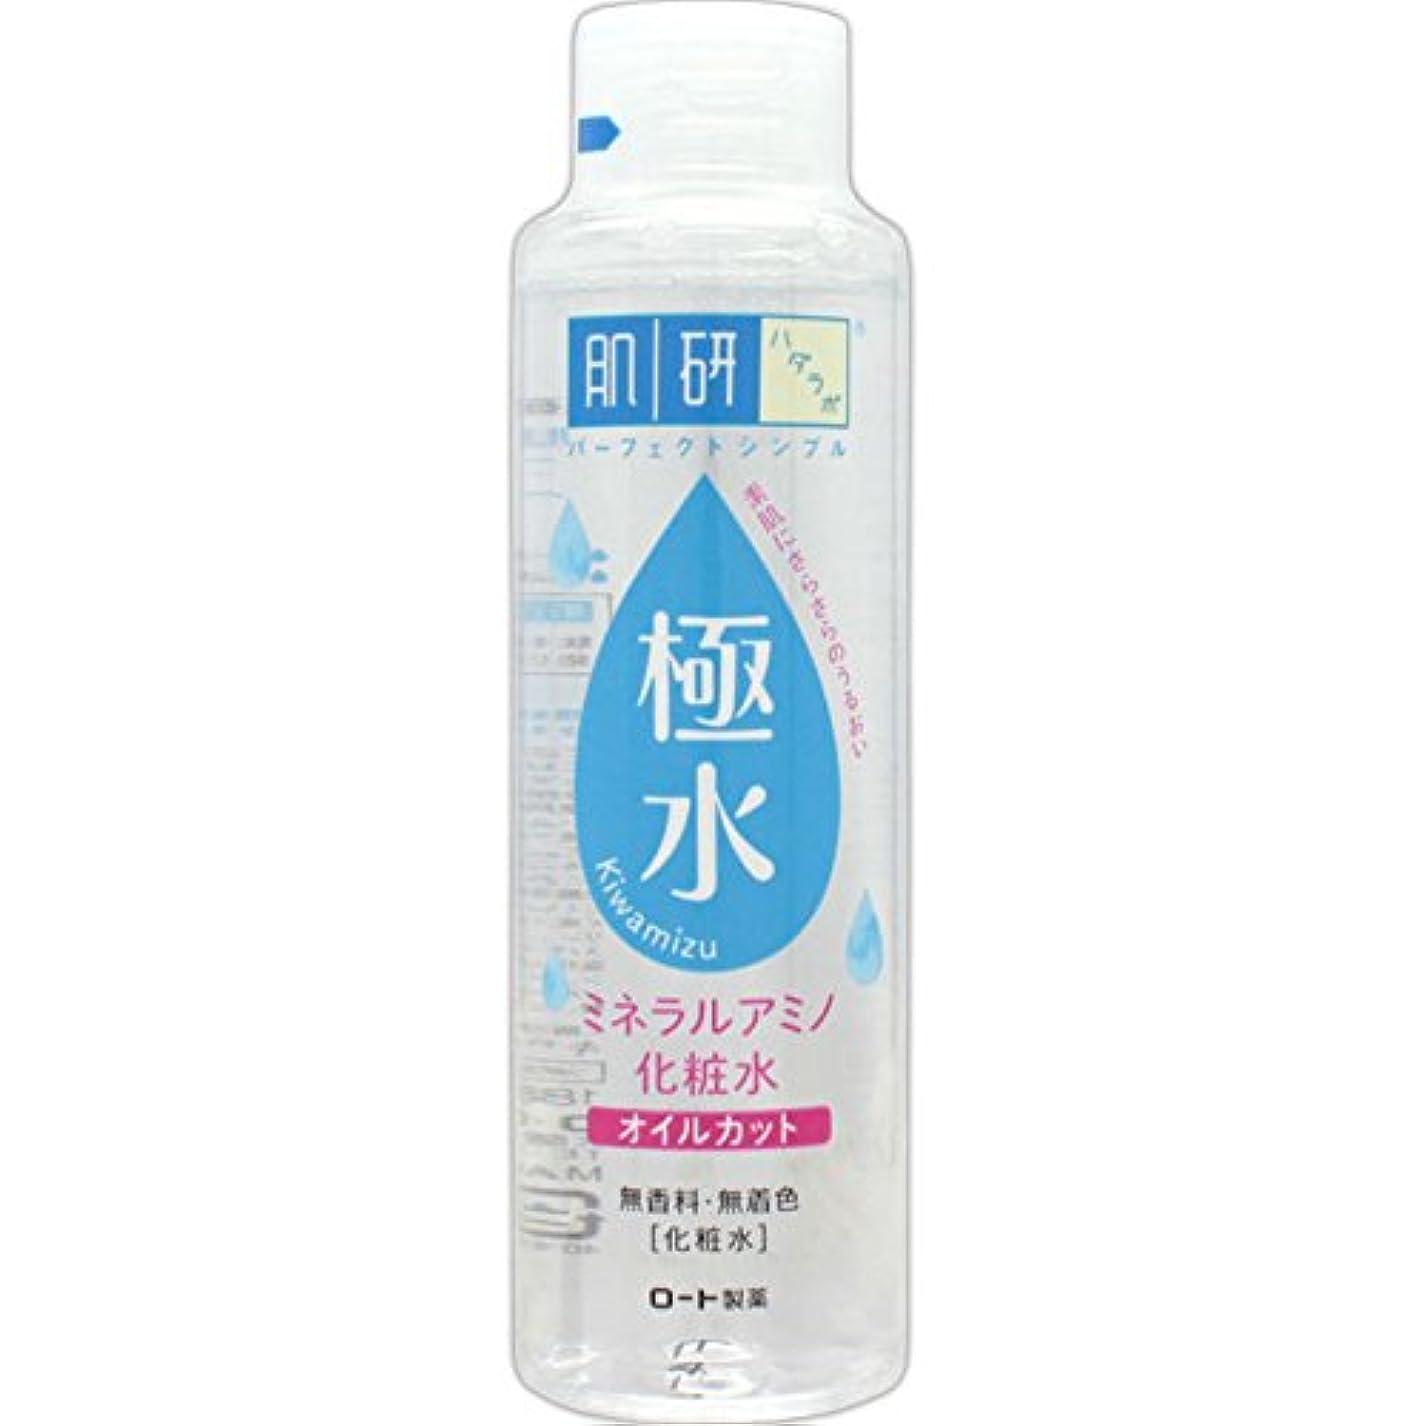 混乱ボイコット安西肌研(ハダラボ) 極水 ミネラルアミノ化粧水 180mL